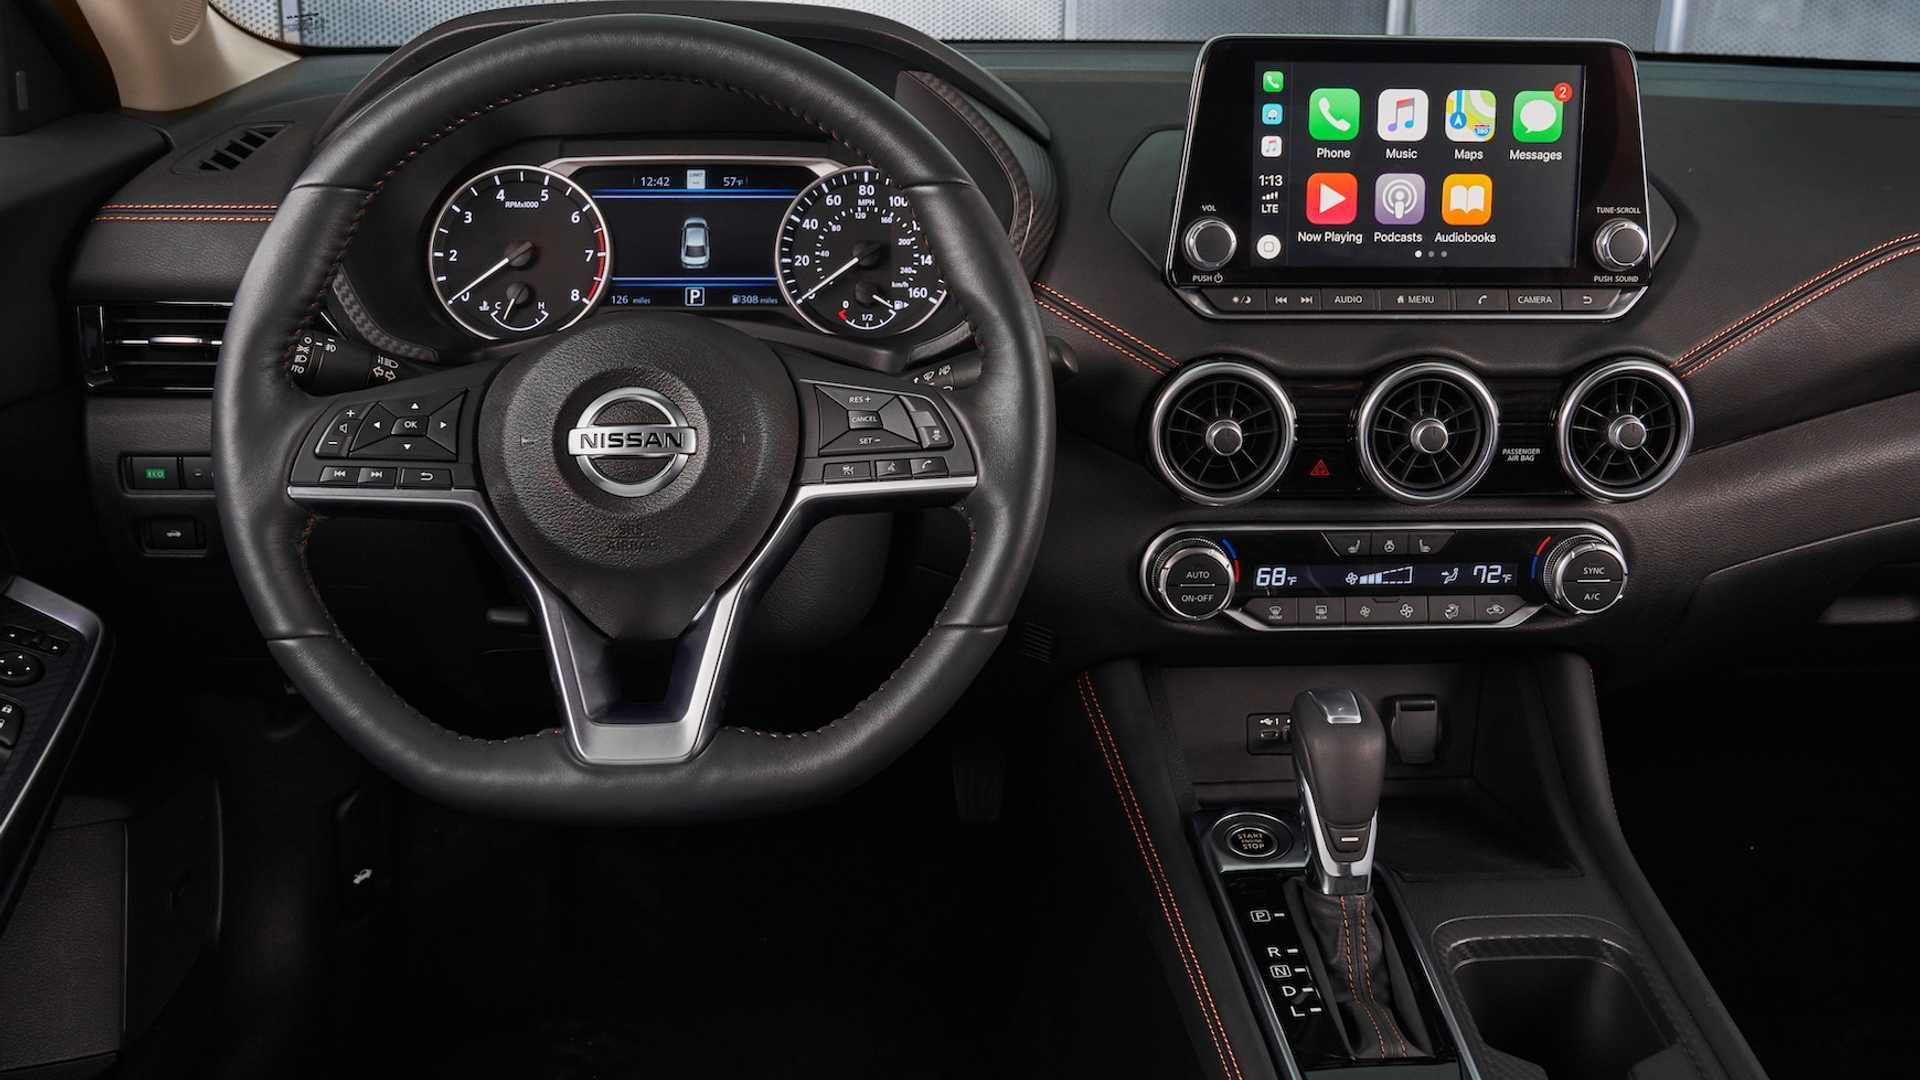 Nissan Sentra thế hệ mới đối đầu trực tiếp với Honda Civic hay Mazda3 - 13